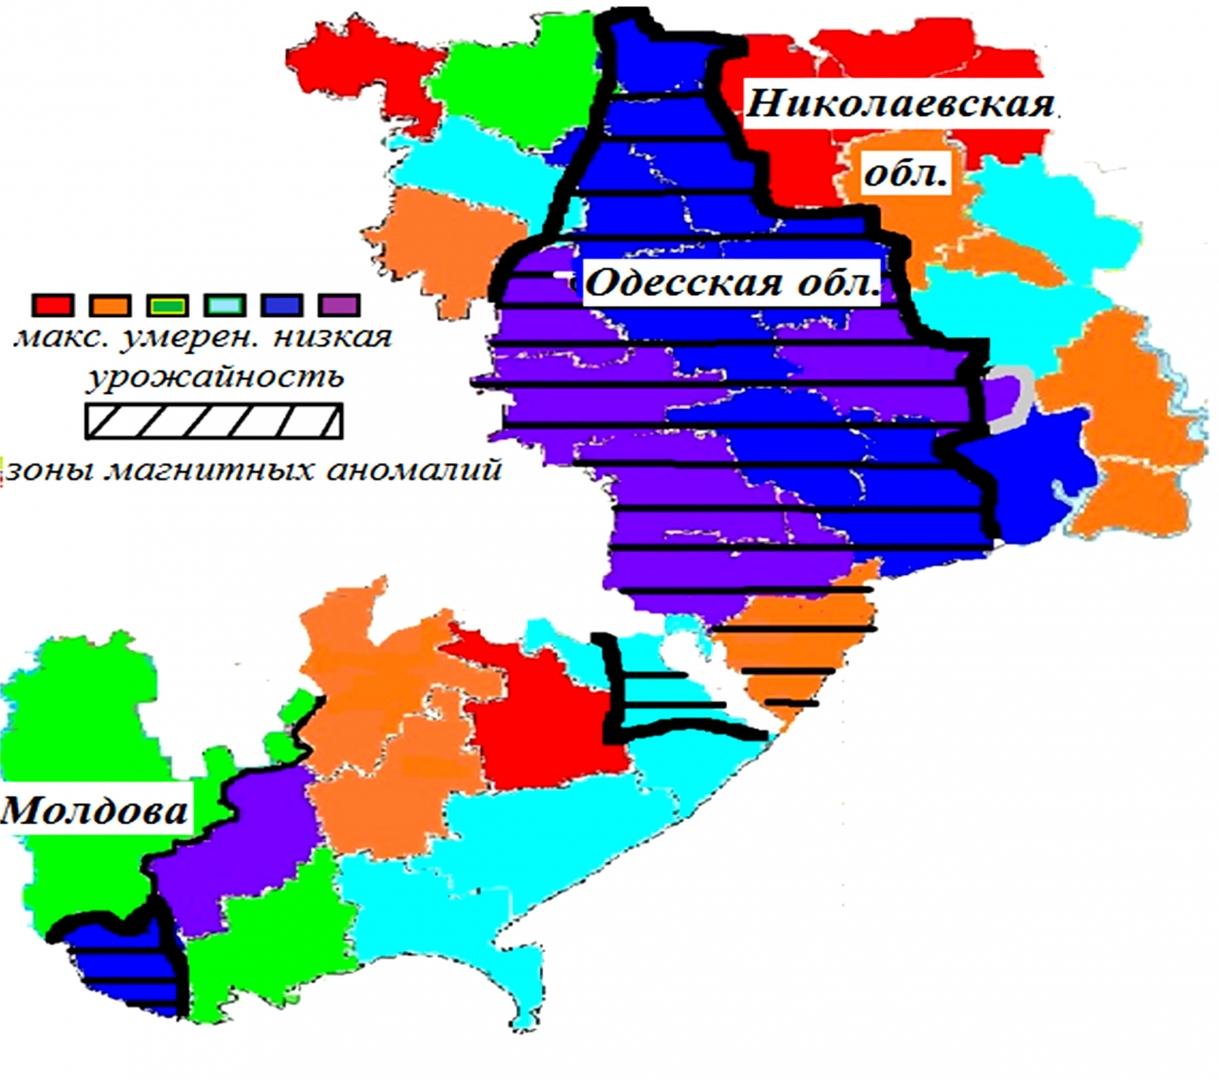 Рис. 8. Совмещение магнитных аномалии и урожайности зерновых в районах Одесской области на западе Николаевской области и юге Молдавии